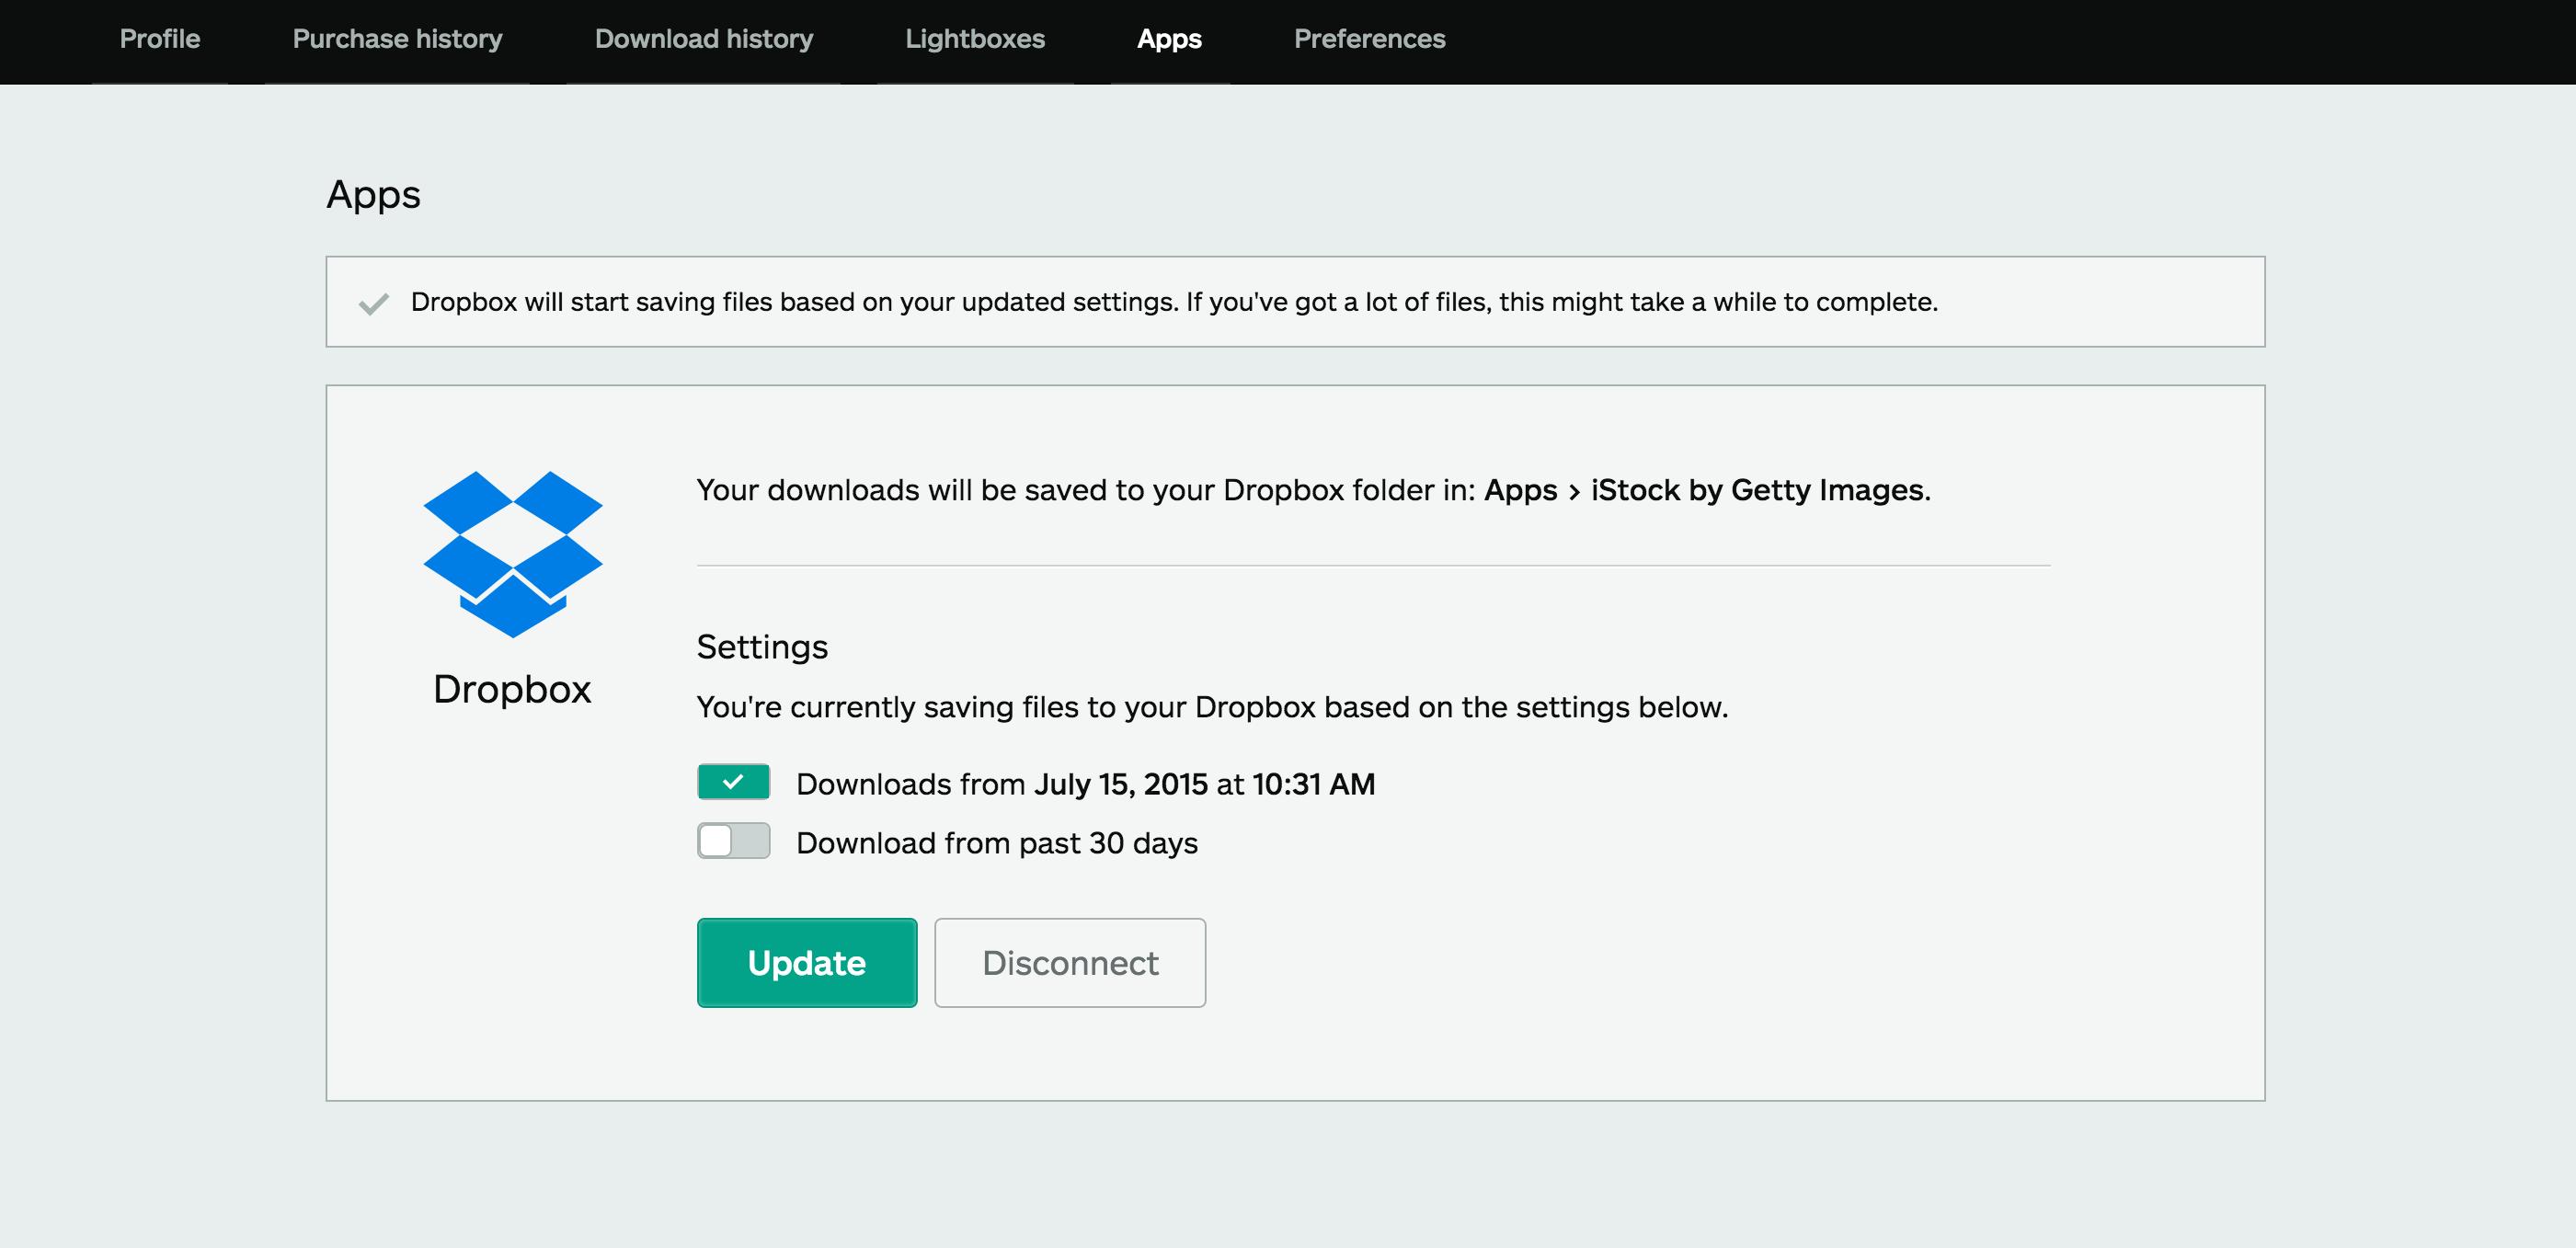 iStock 屏幕截图 5